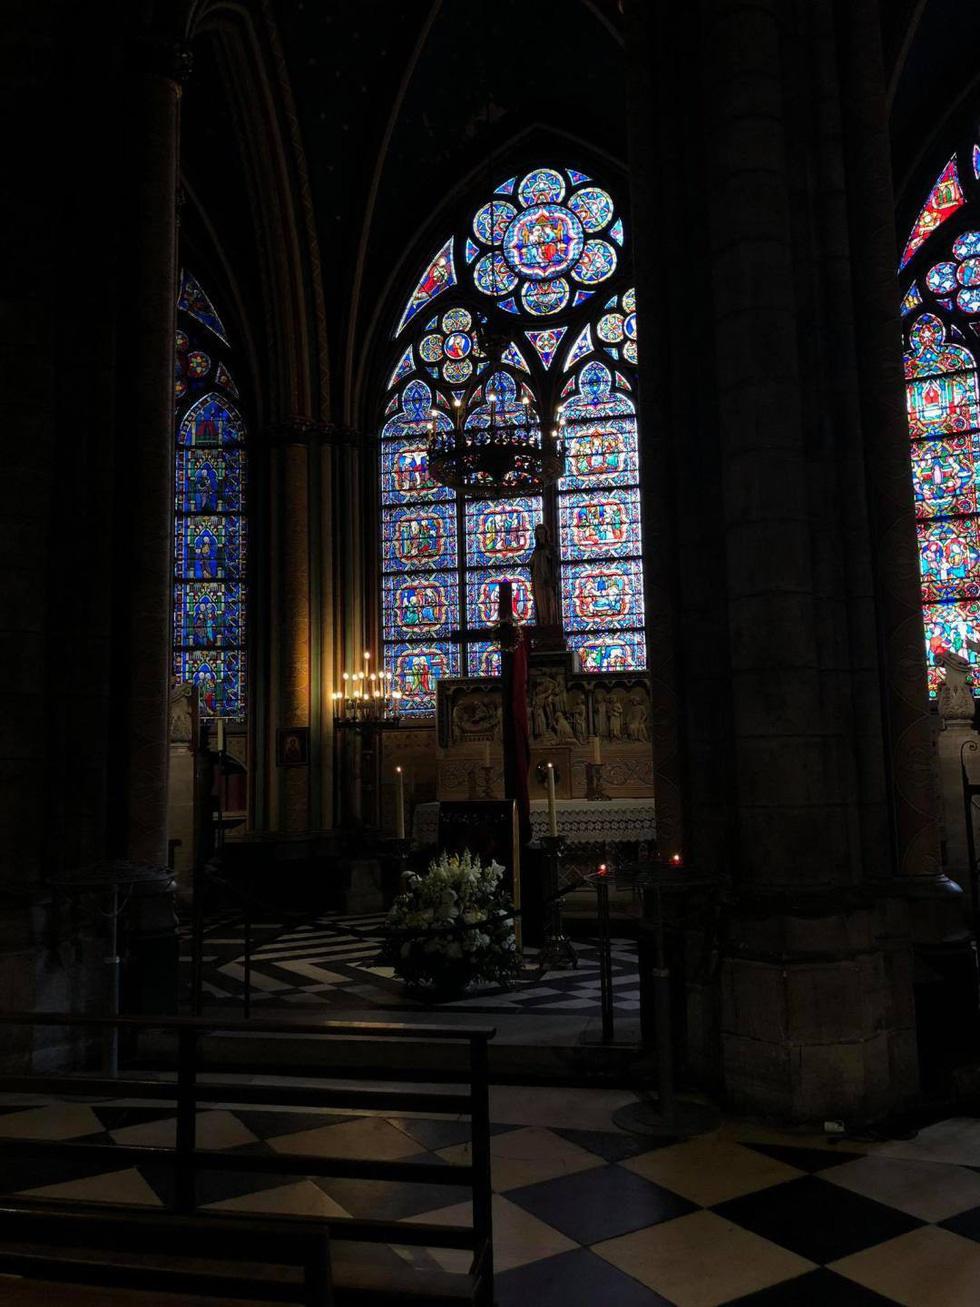 Nhà thờ Đức Bà Paris - biểu tượng hơn 850 năm của nước Pháp - Ảnh 12.